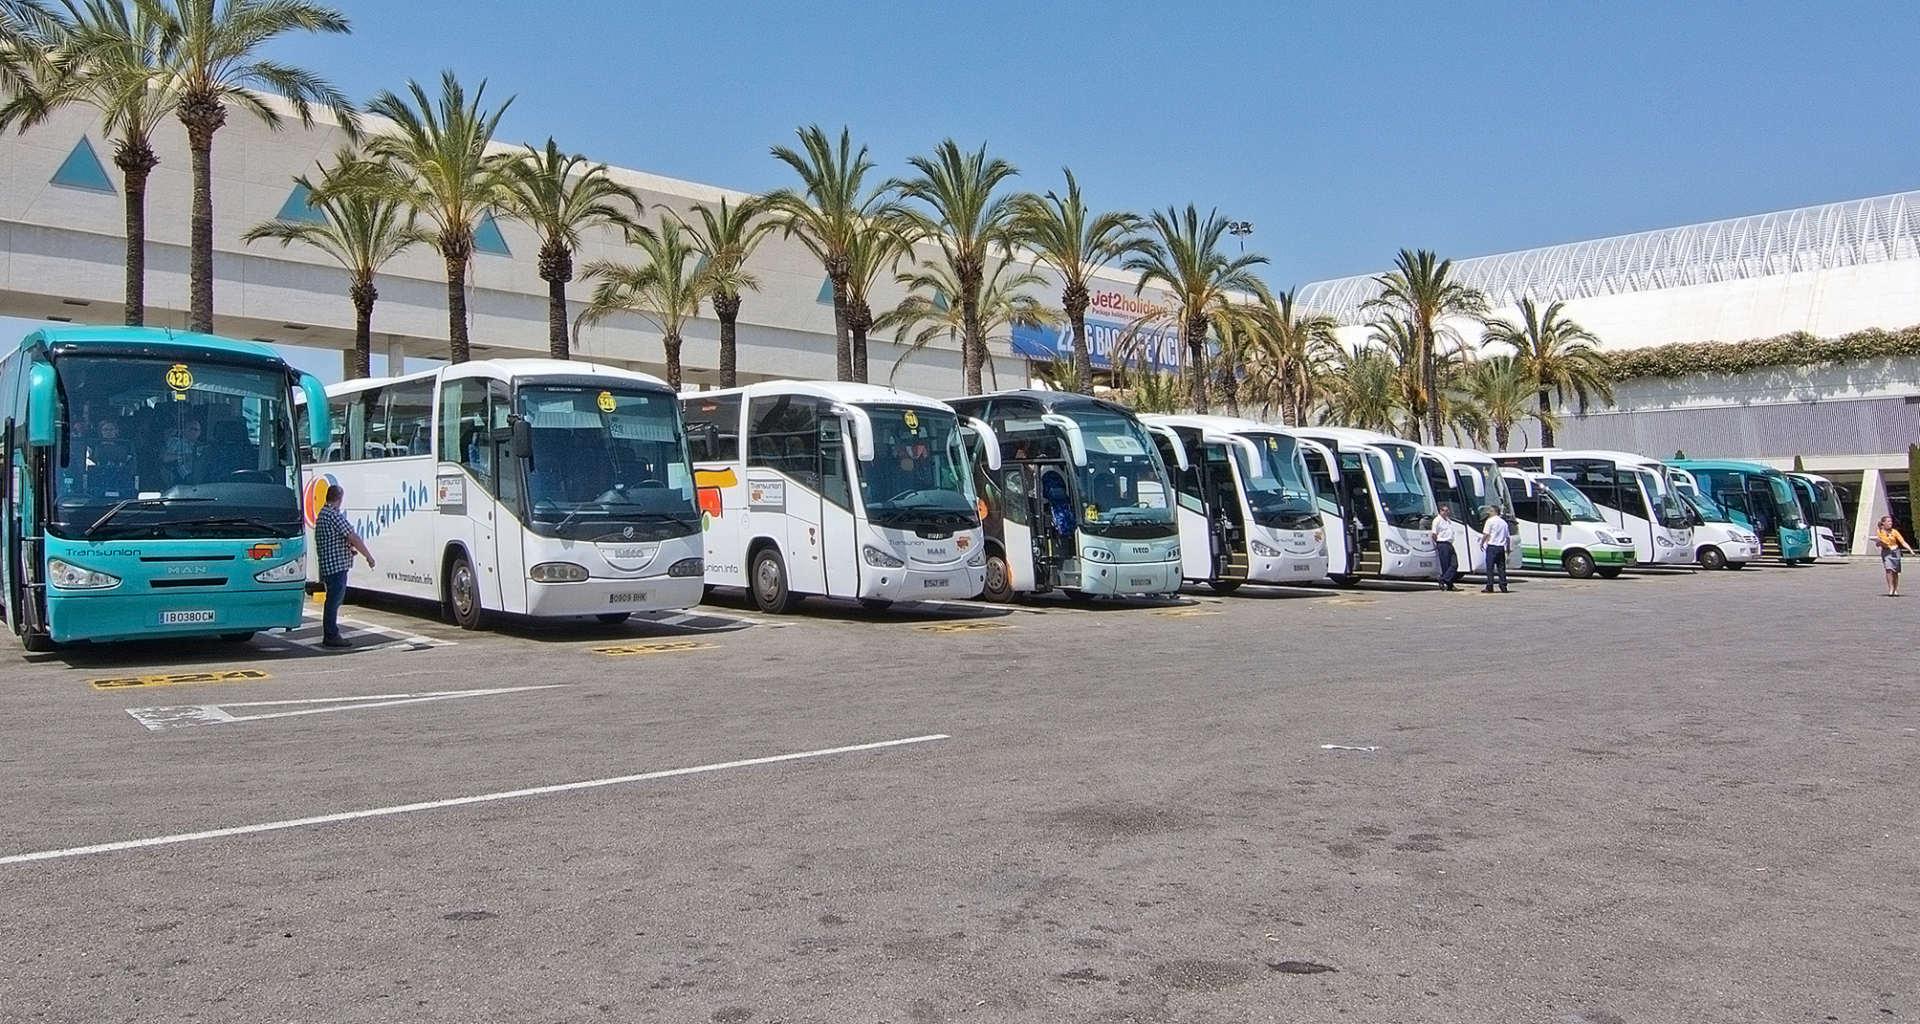 Želite najeti avtobus? Pomagali vam bomo najti pravega ponudnika za najem avtobusa